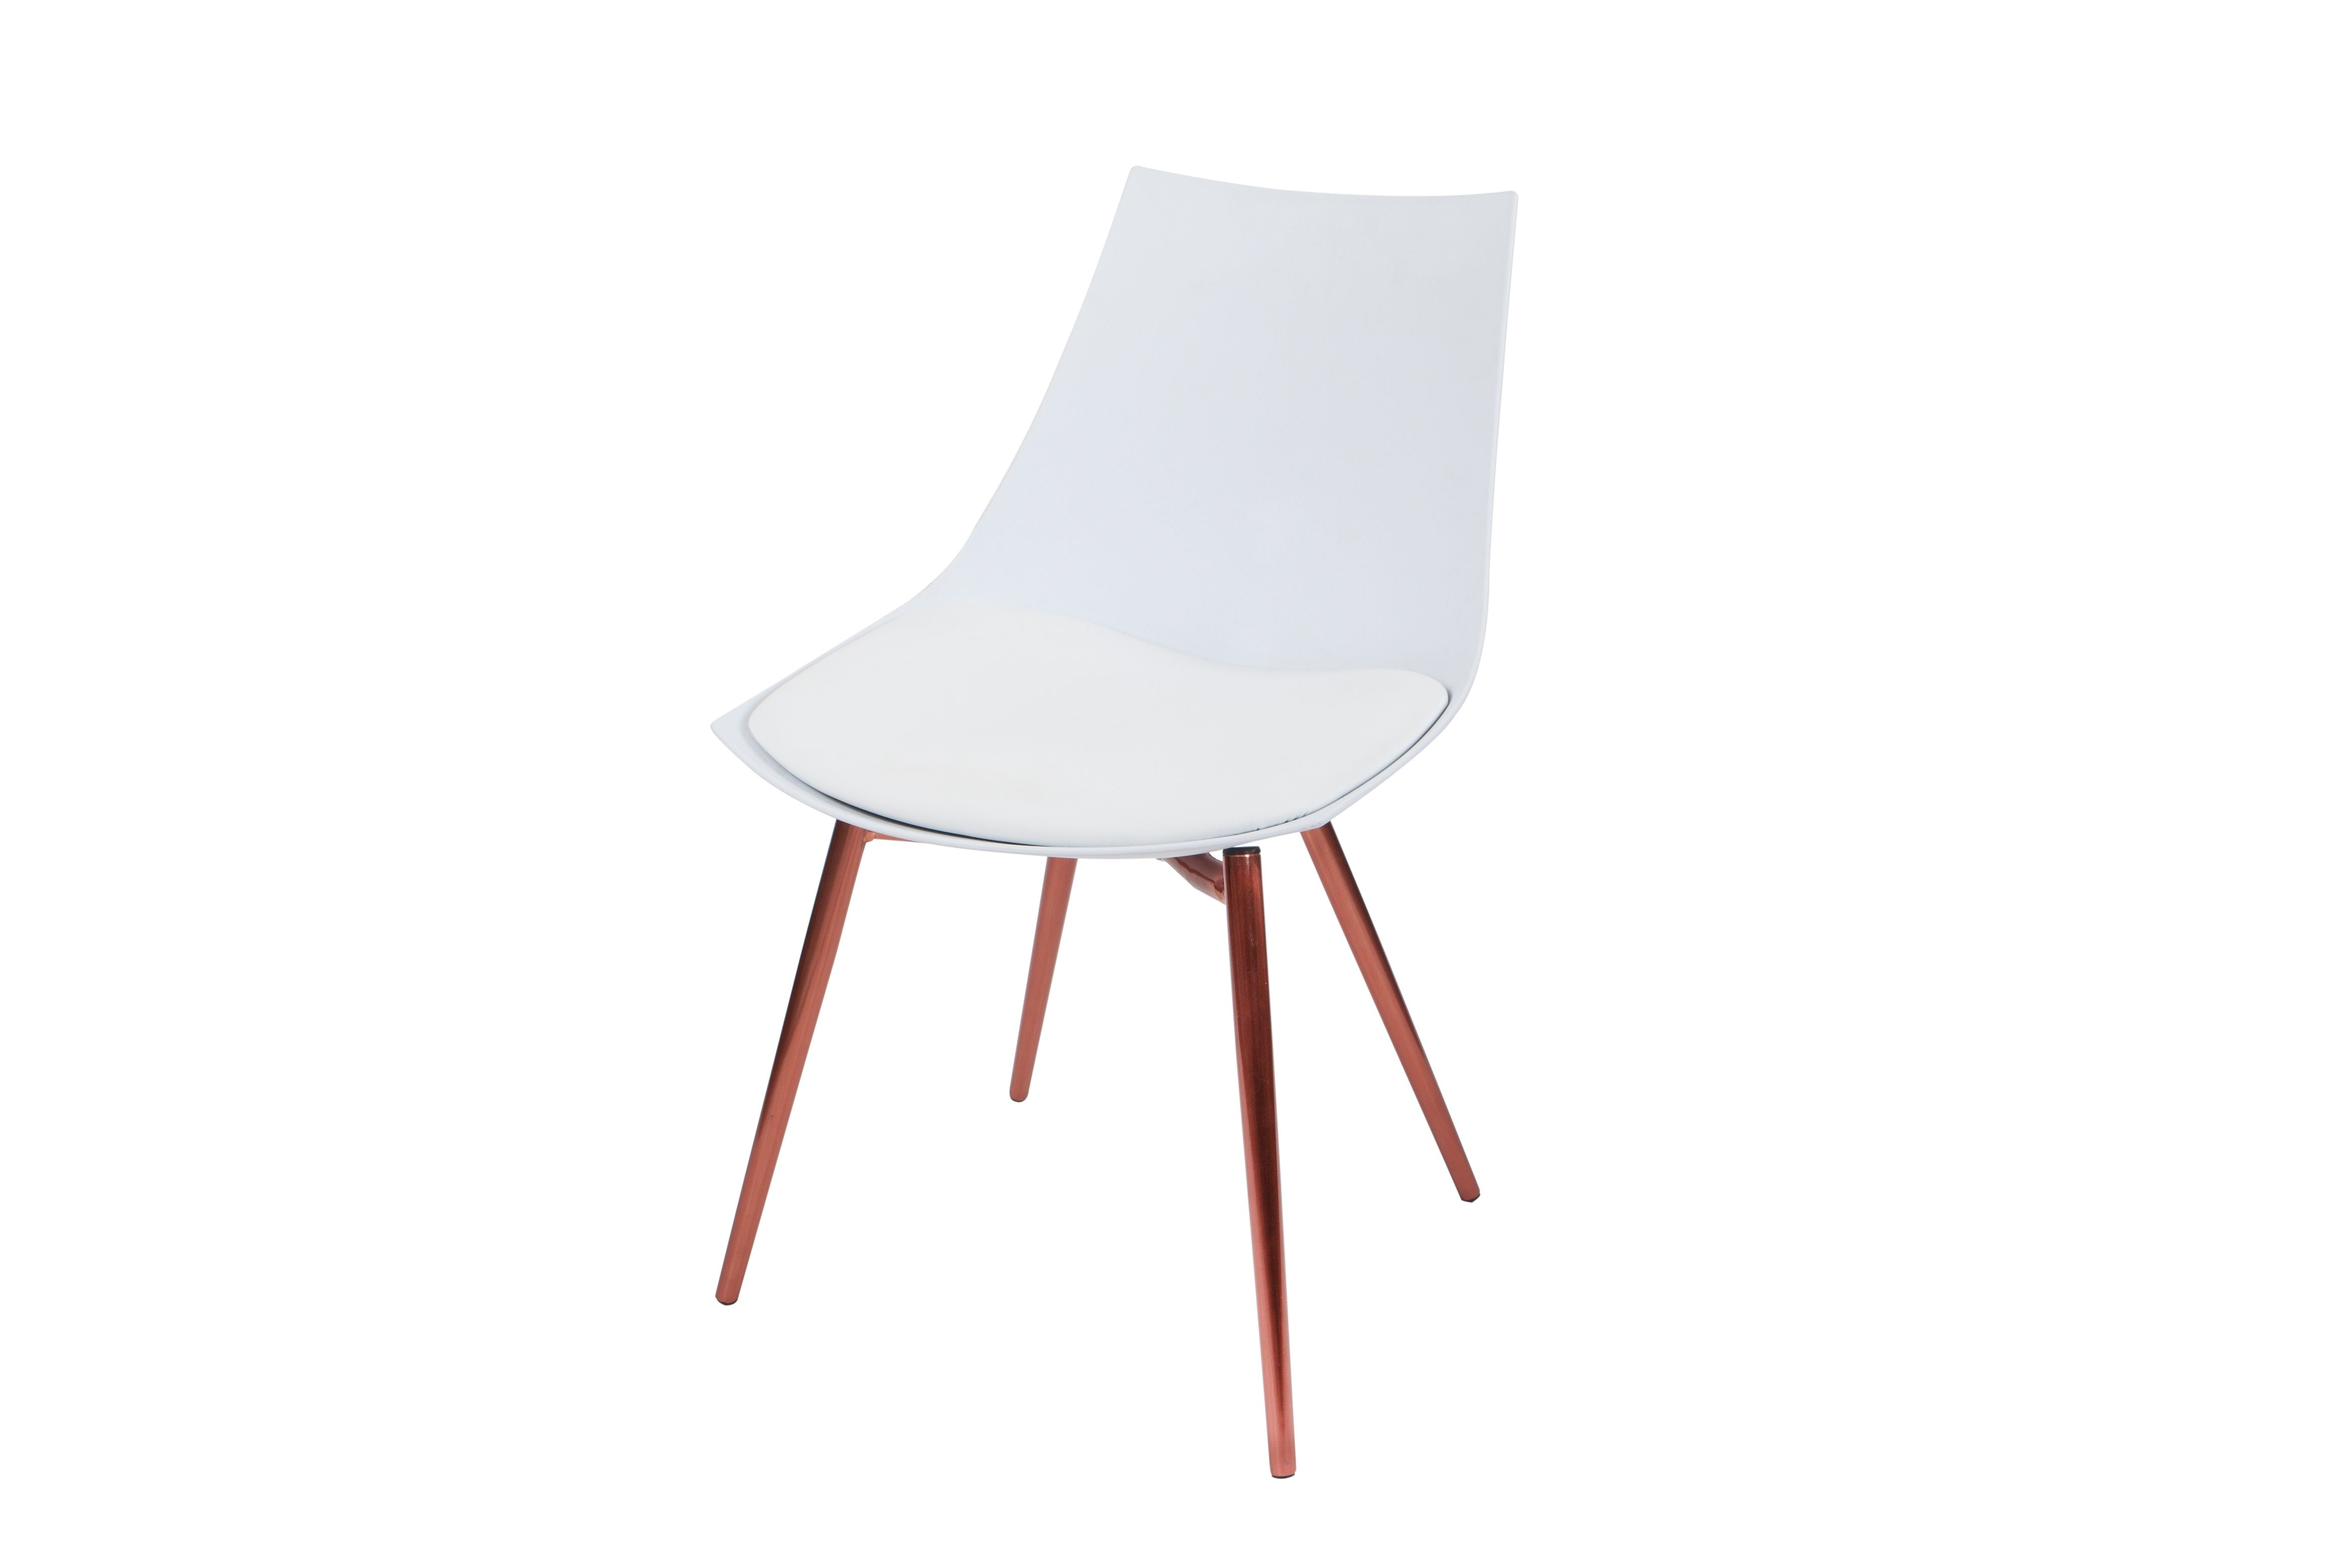 Stuhl Dakota 210 4er Set Weiss Kupfer Stuhle Online Mobel Esszimmerstuhl